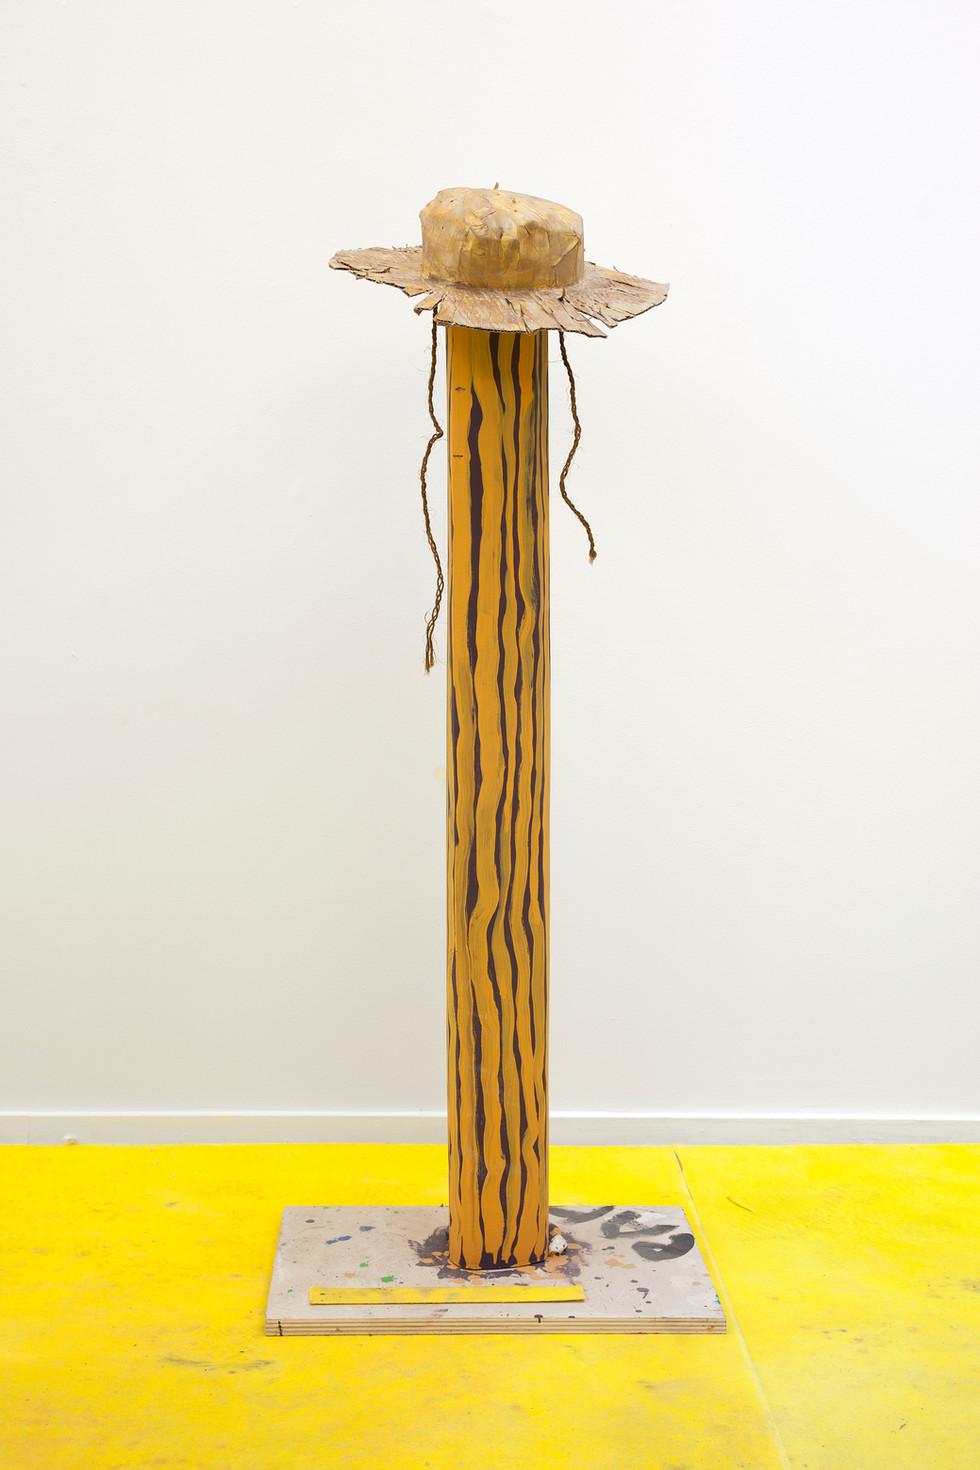 RINUS VAN DE VELDE,  Prop, Planecrash, Hat on Abstract Tree (for Paul Thek), 2017